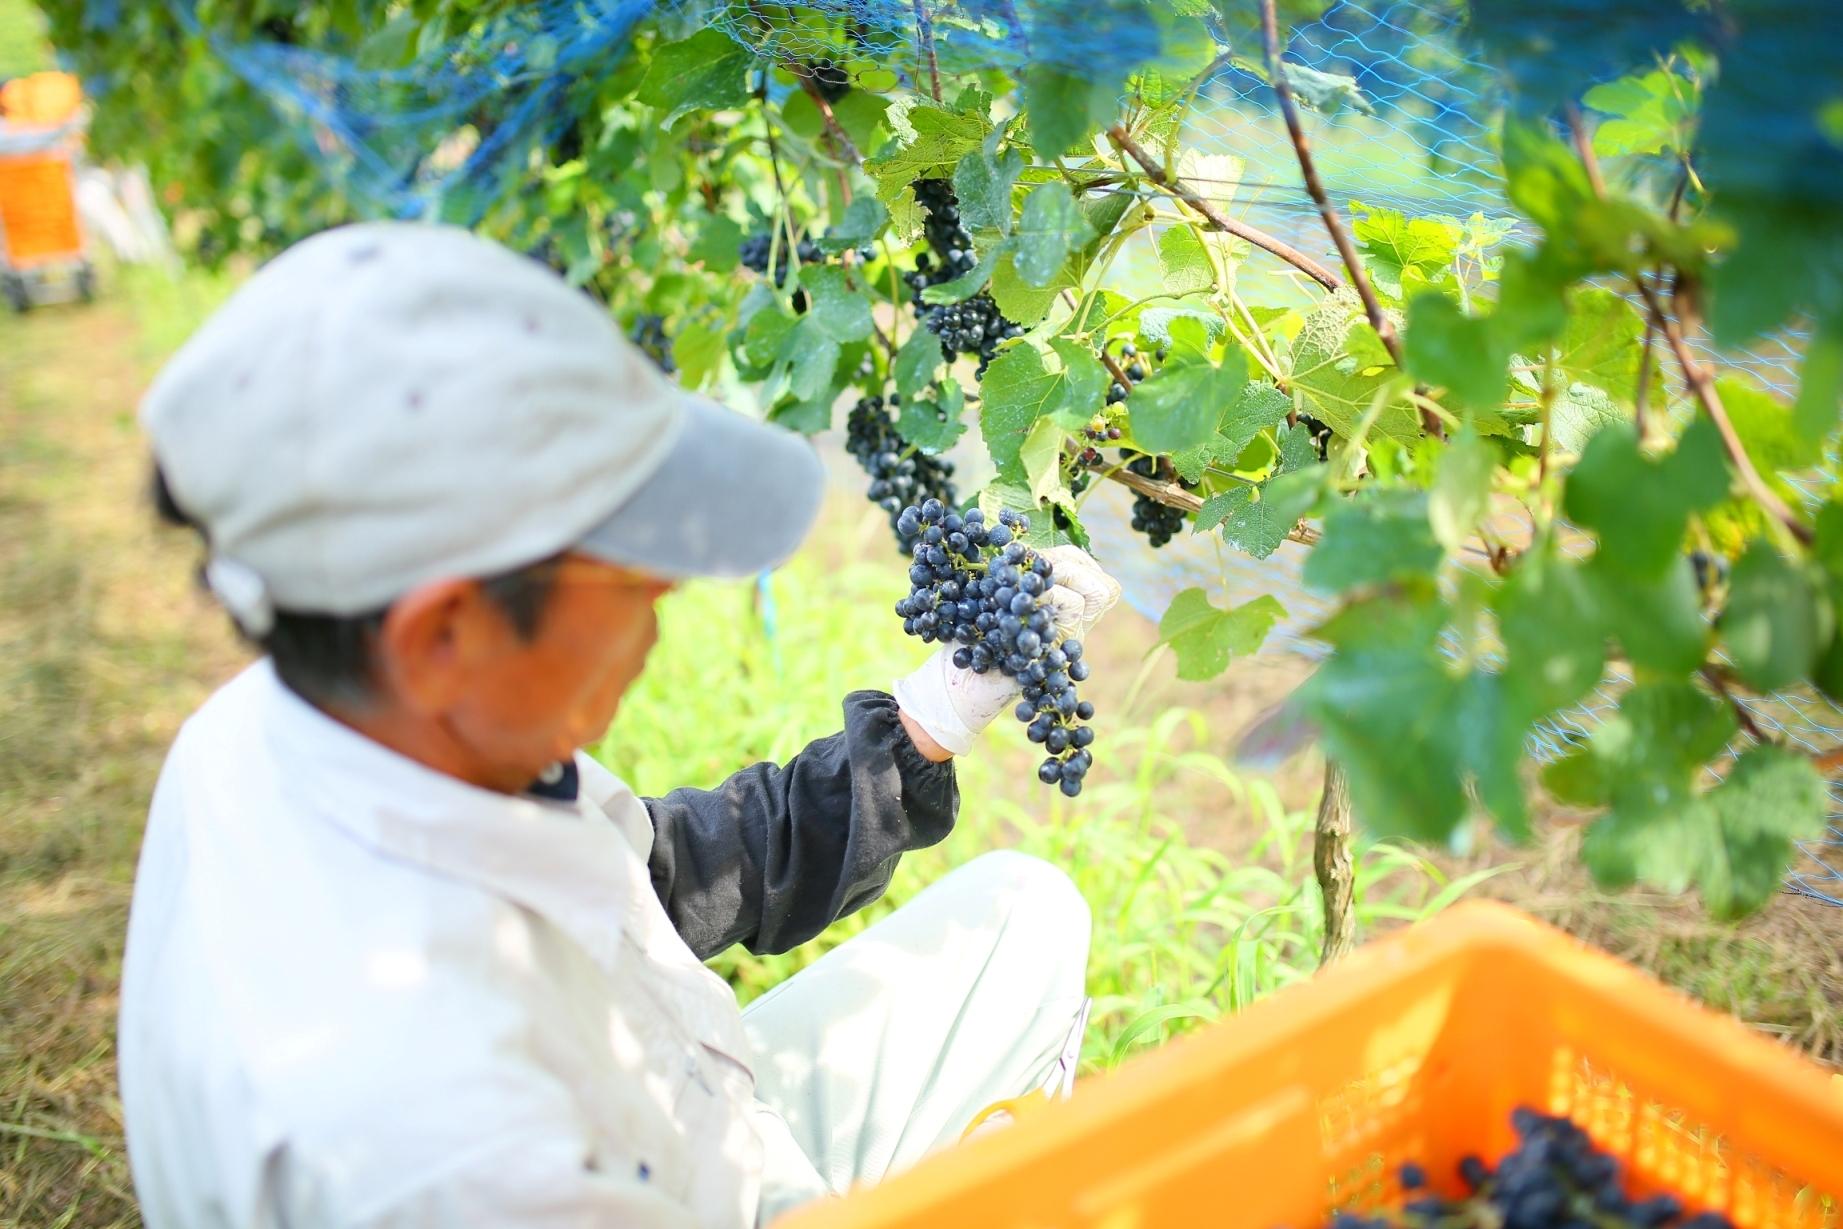 ワイン好きによるワイン好きのためのイベント「Go!Go!Winery2019」!中伊豆ワイナリーでワインを満喫しよう - img 182230 5